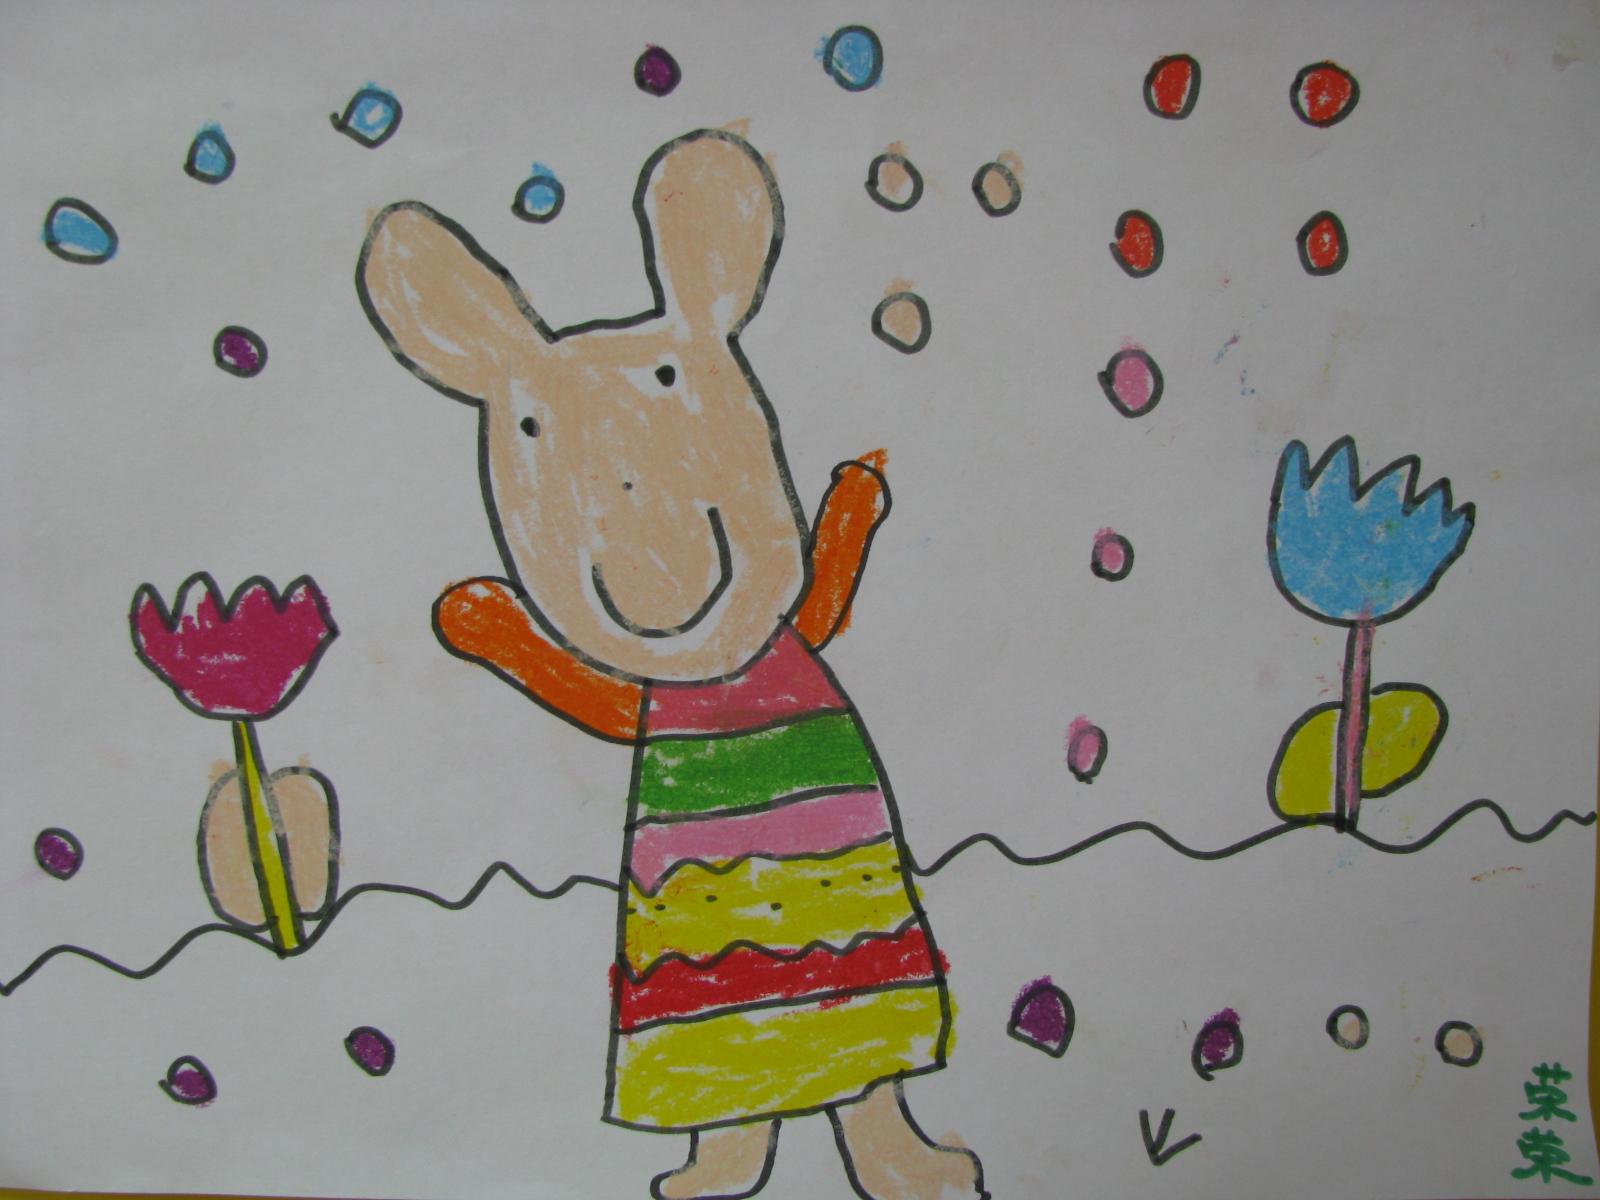 快乐的小白兔 简笔画 可爱的小兔子